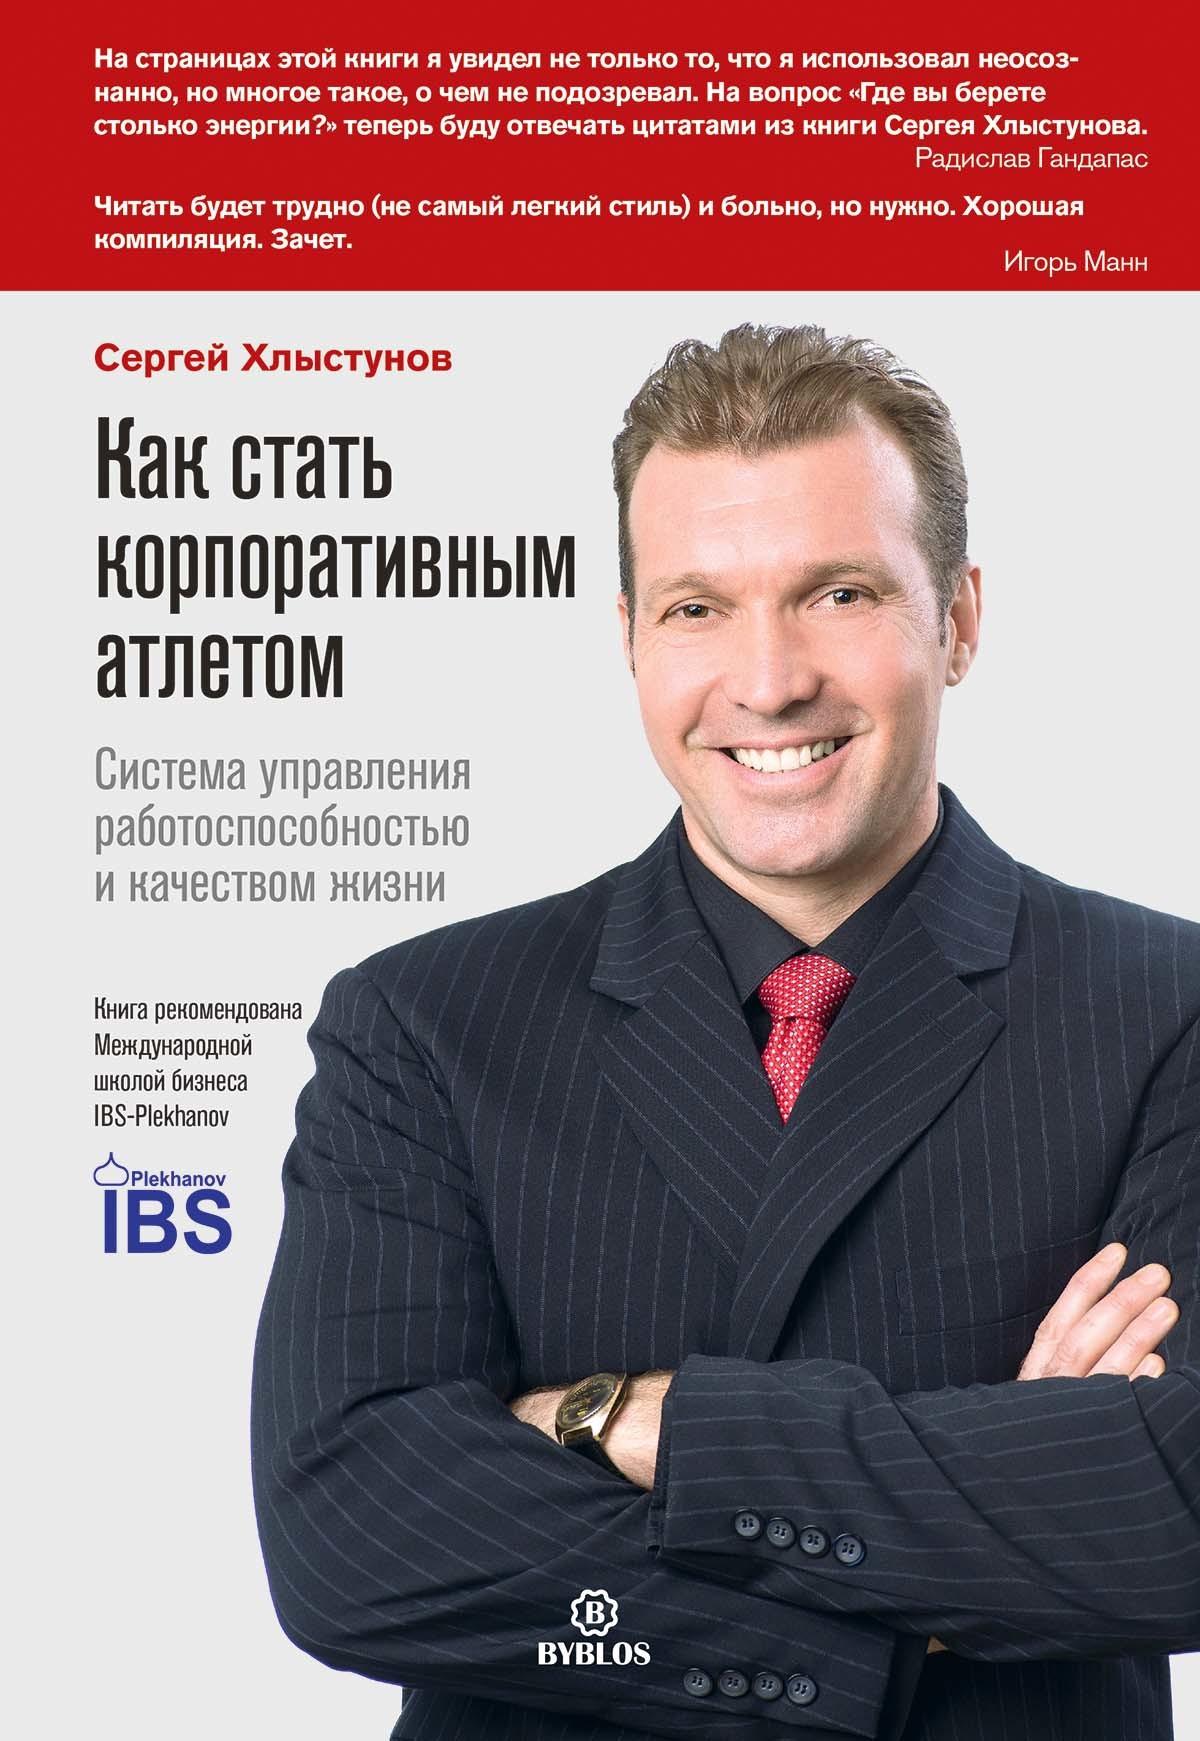 Сергей Хлыстунов. Как стать корпоративным атлетом. Система управления работоспособностью и качеством жизни